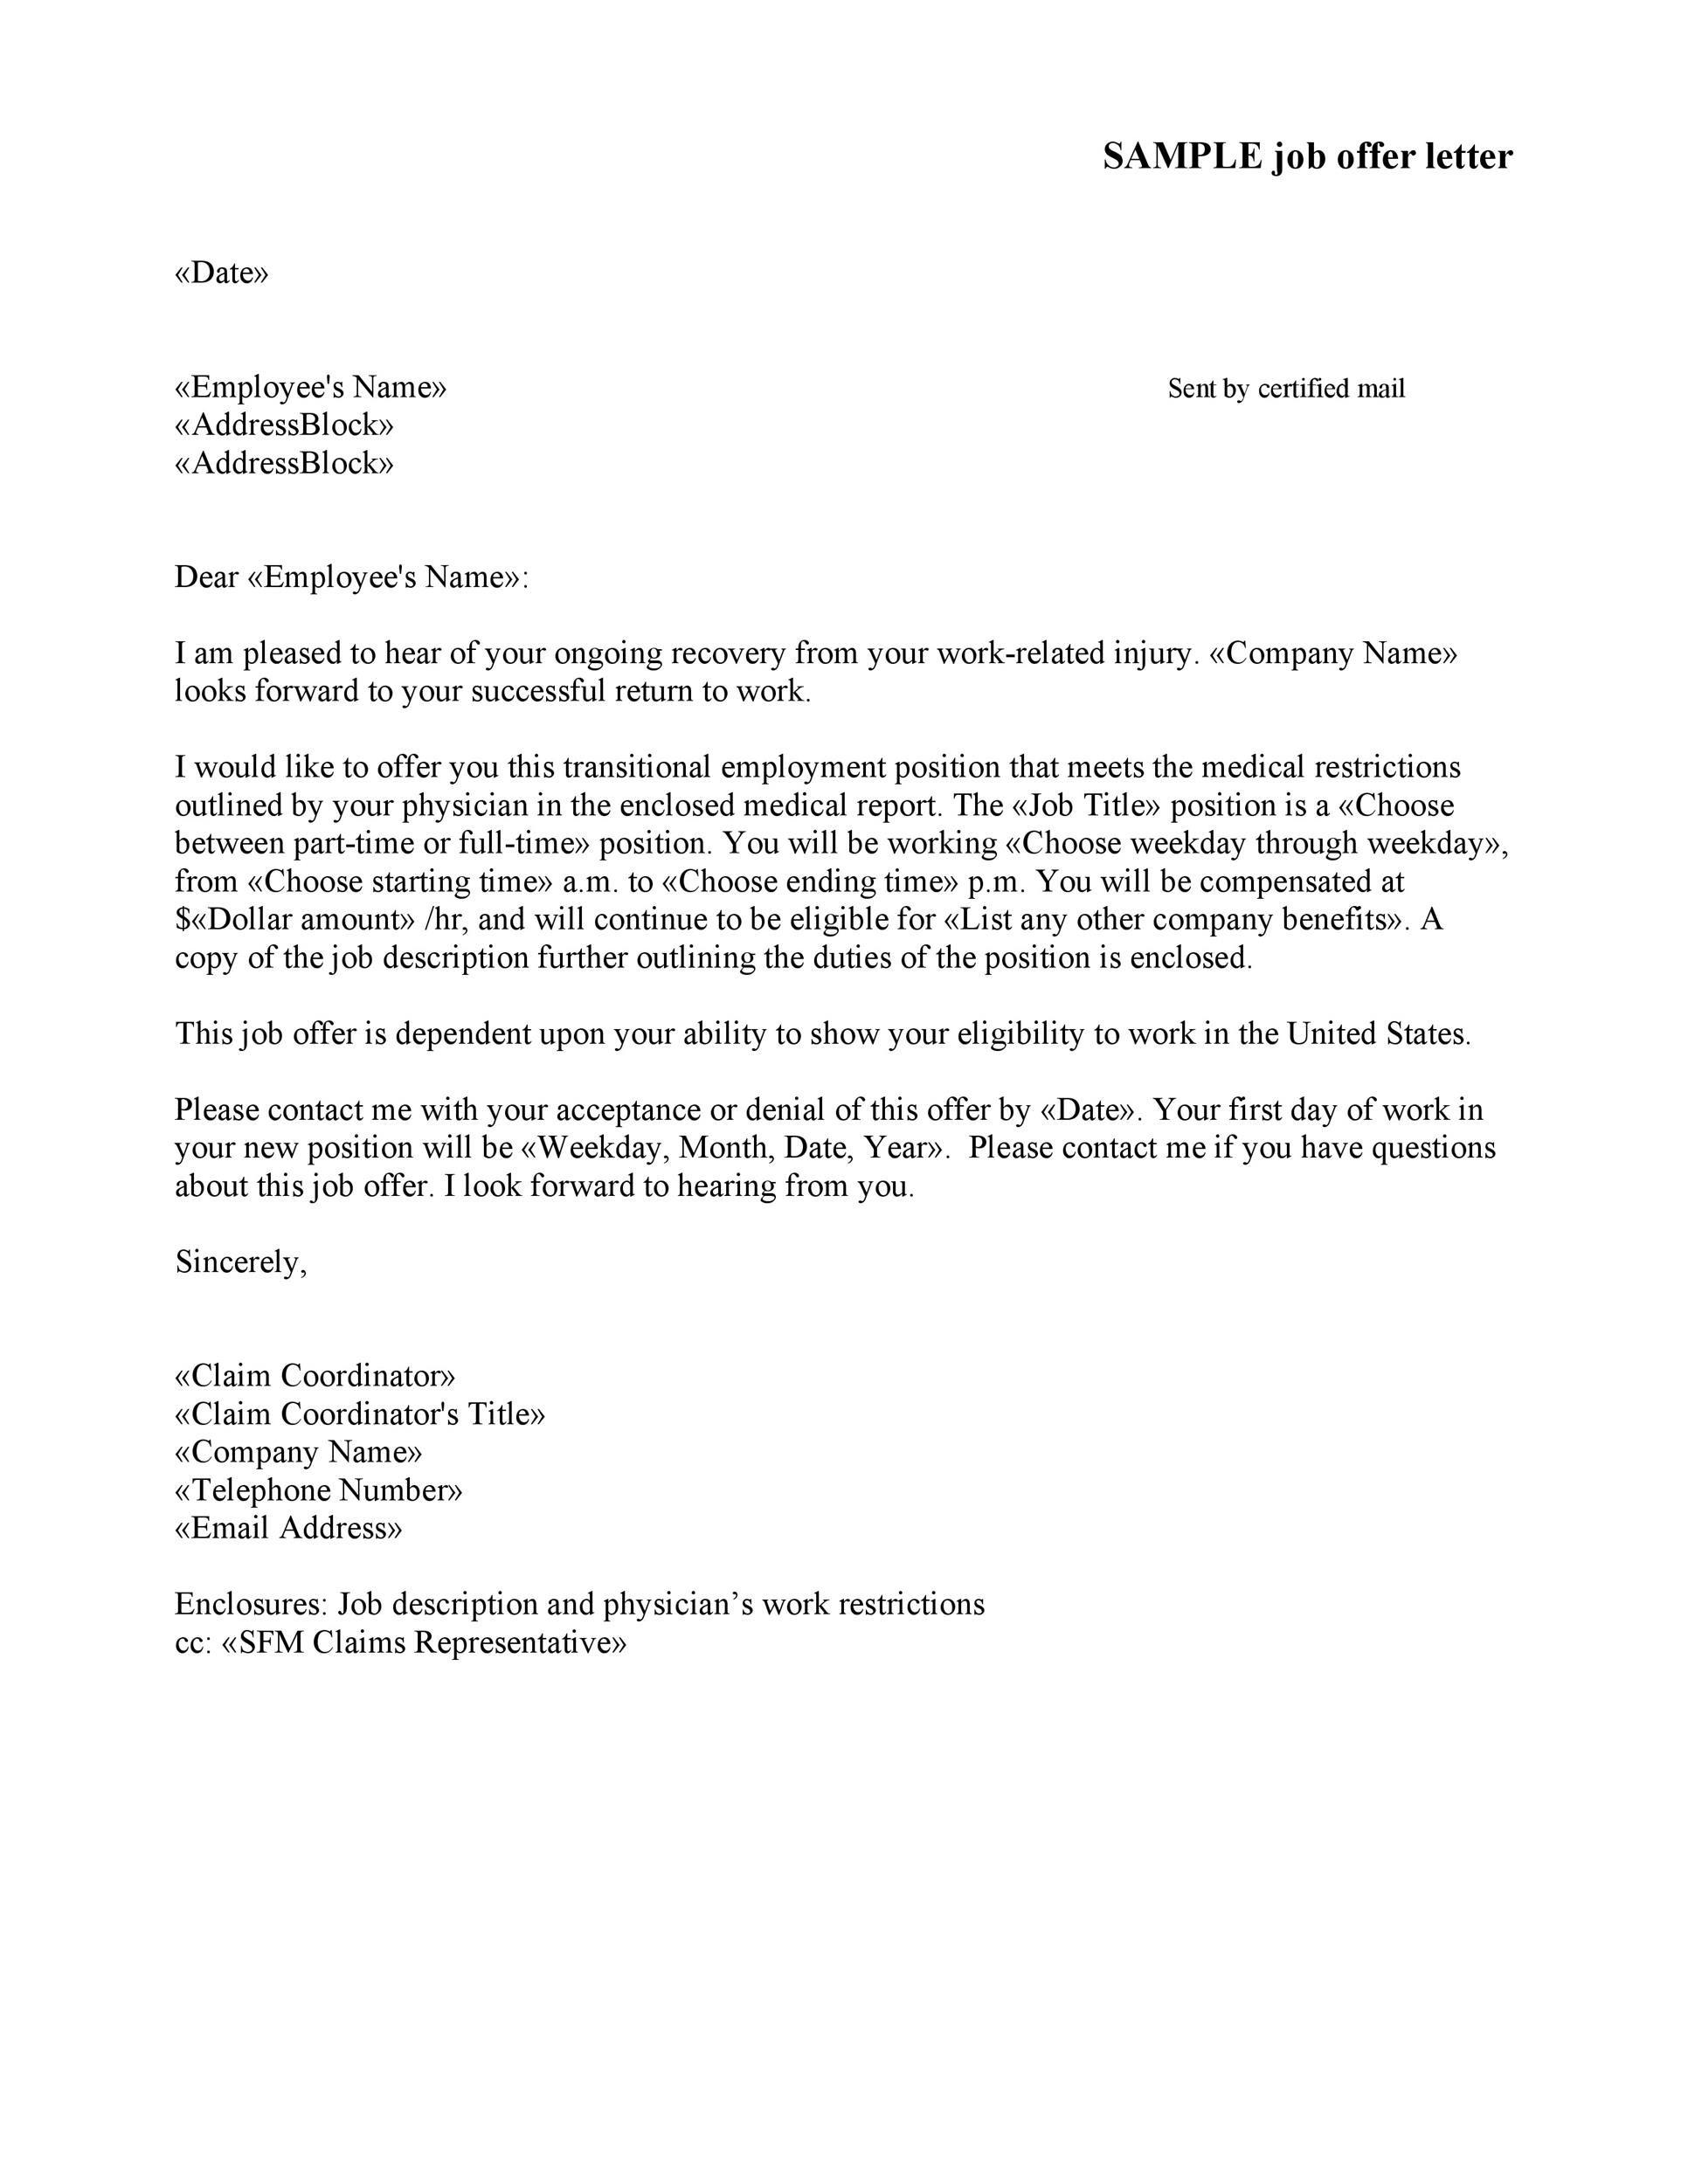 007 Sensational Counter Offer Letter Template Concept  Real Estate Settlement DebtFull